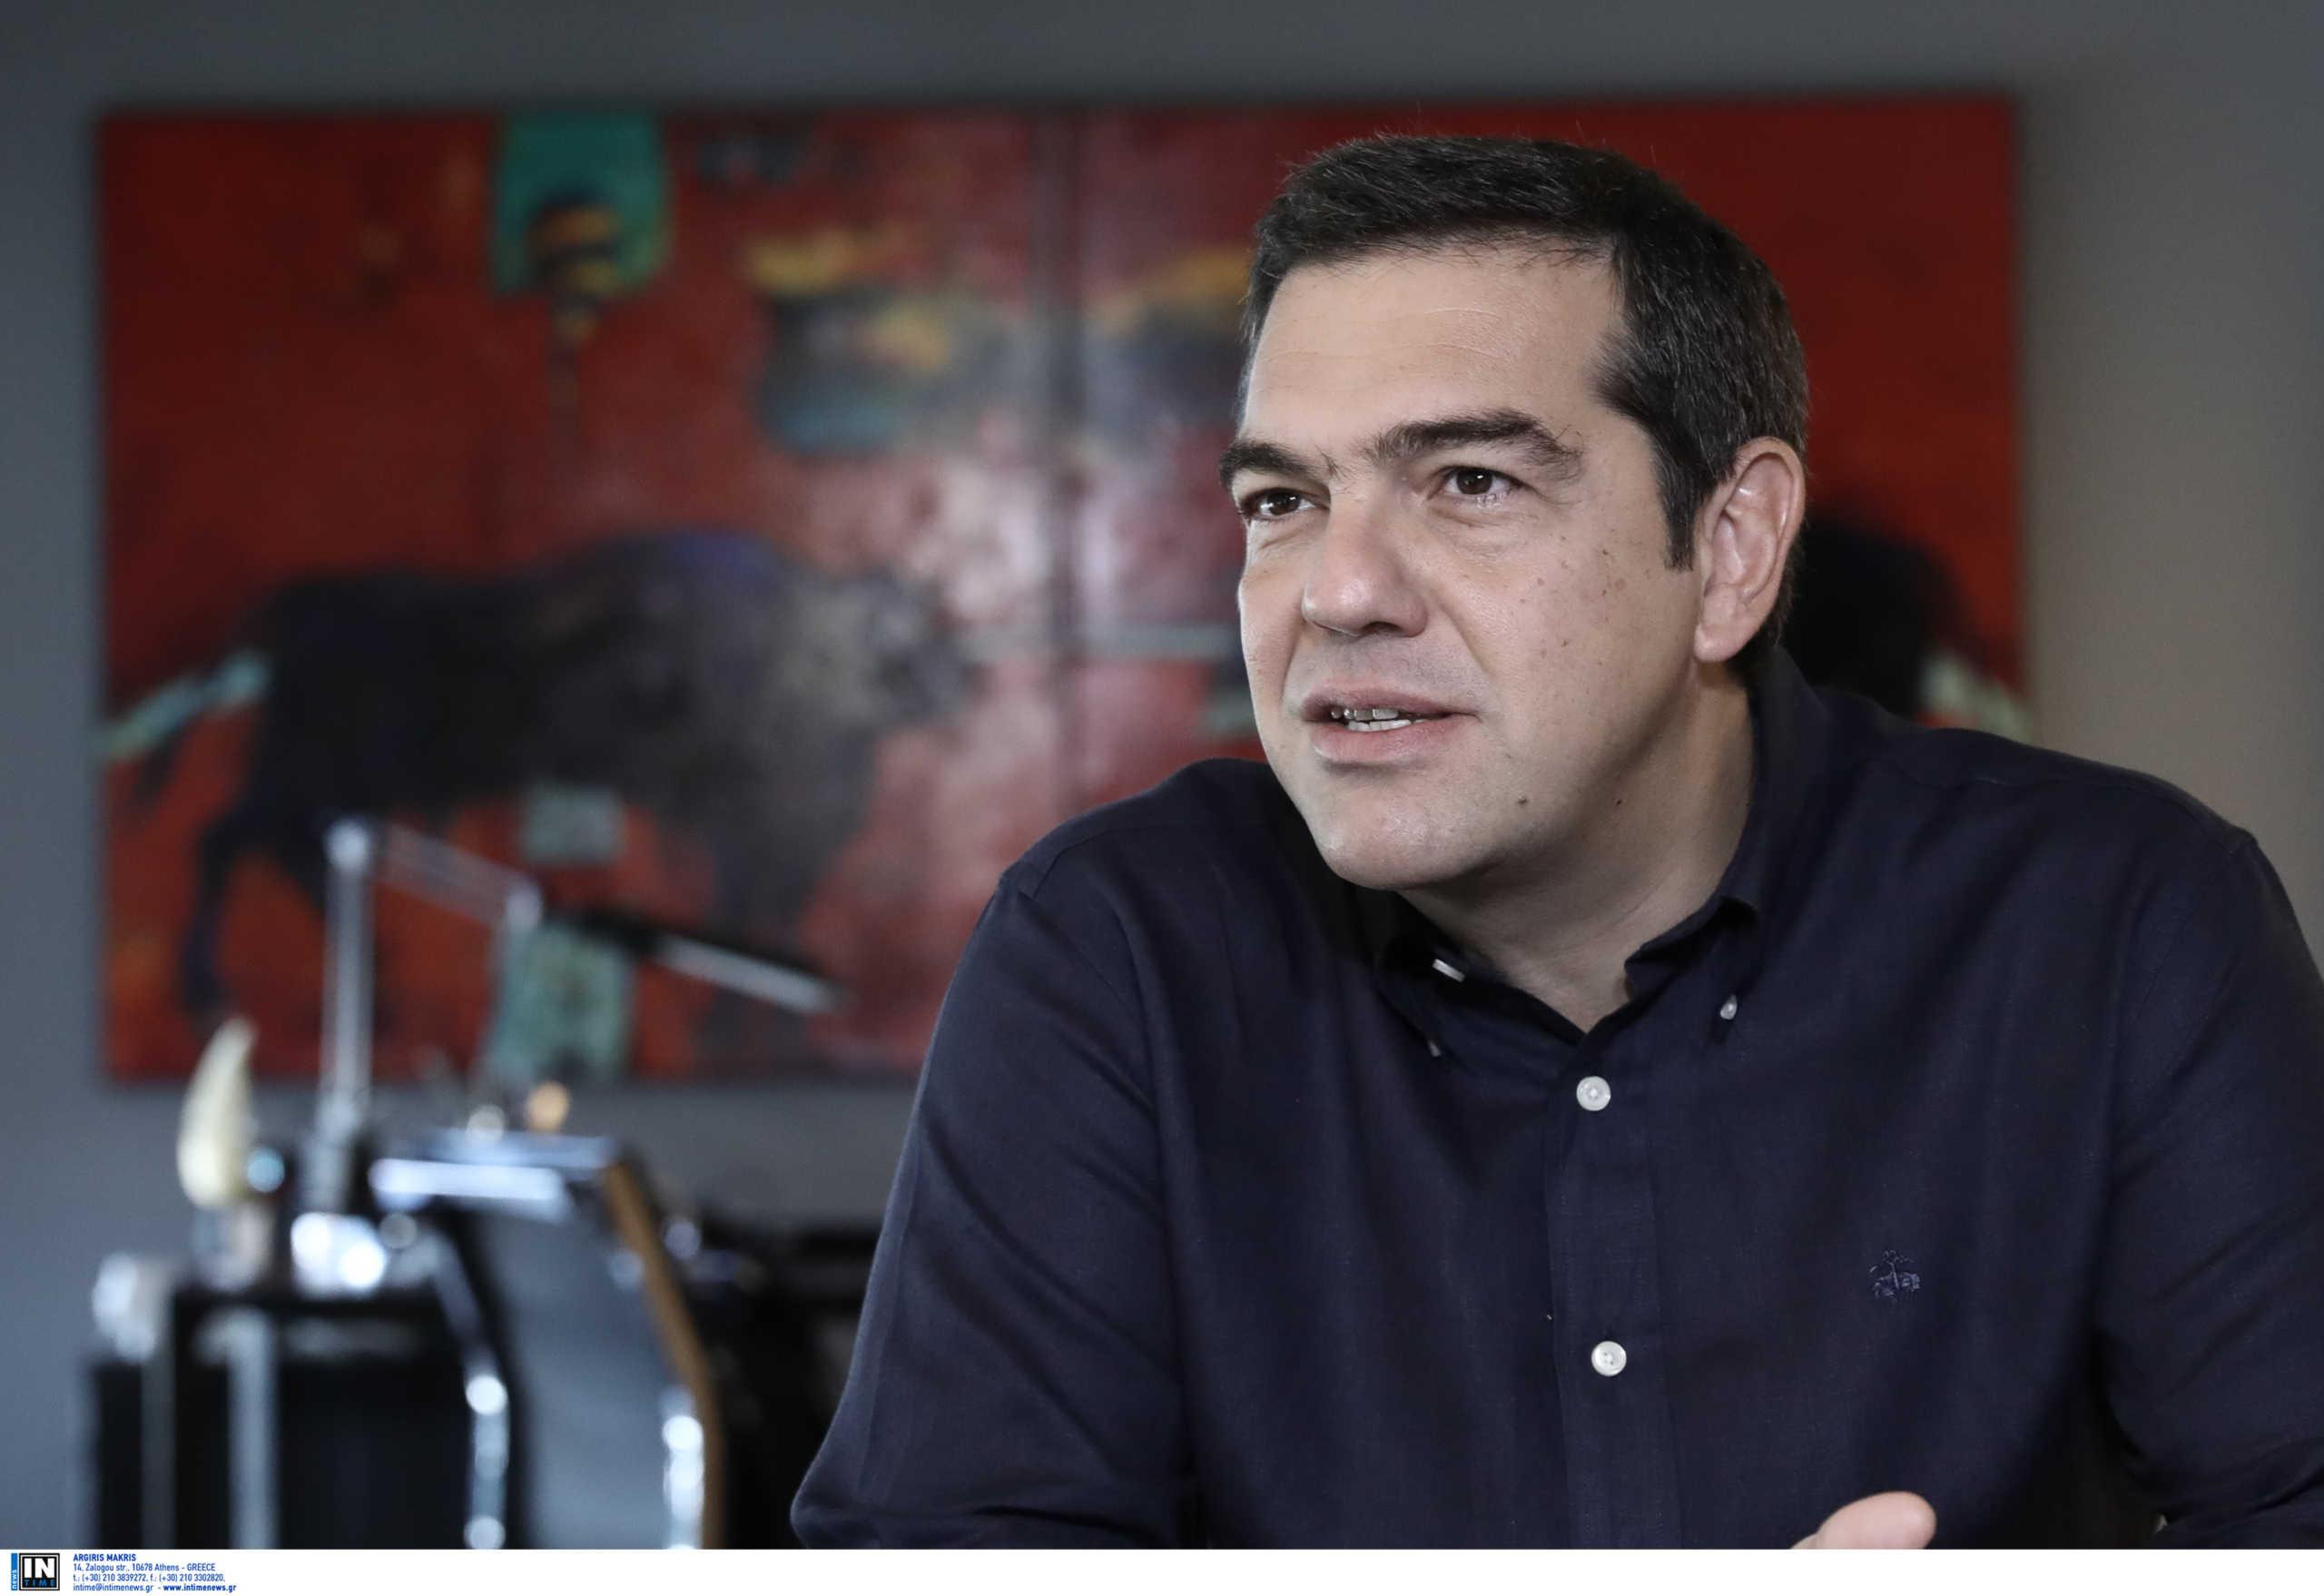 Πανελλήνιες: Με τον «Προορισμό» του Δεληβοριά ευχήθηκε καλή επιτυχία ο Αλέξης Τσίπρας